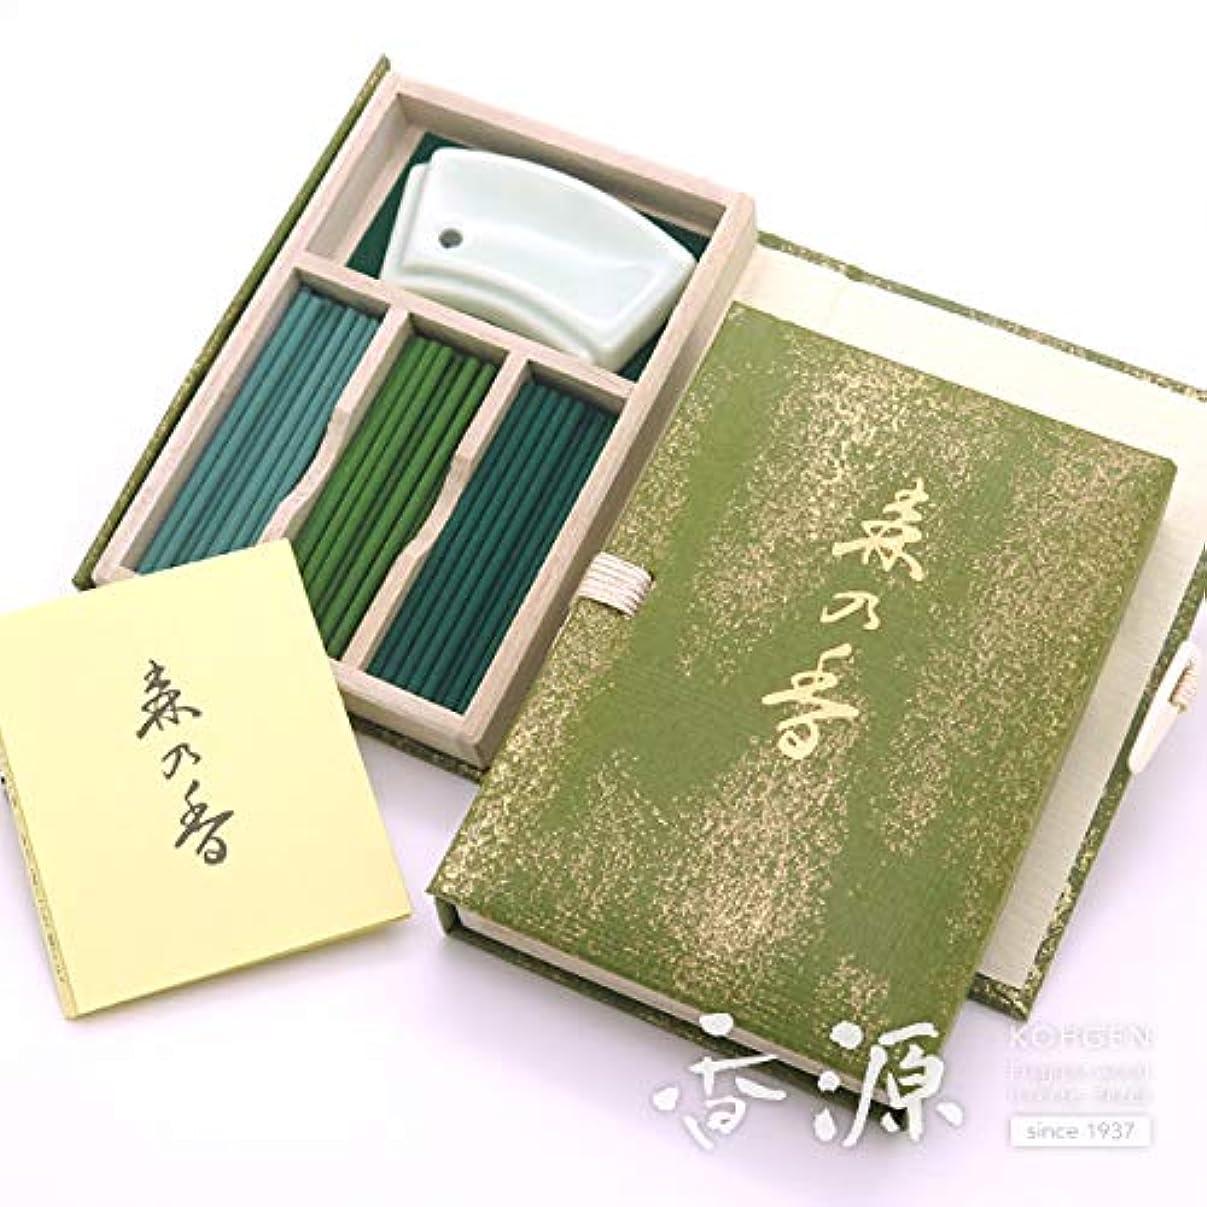 スモッグ産地テレビを見る日本香堂のお香 森の香 スティックミニ寸文庫型 60本入り